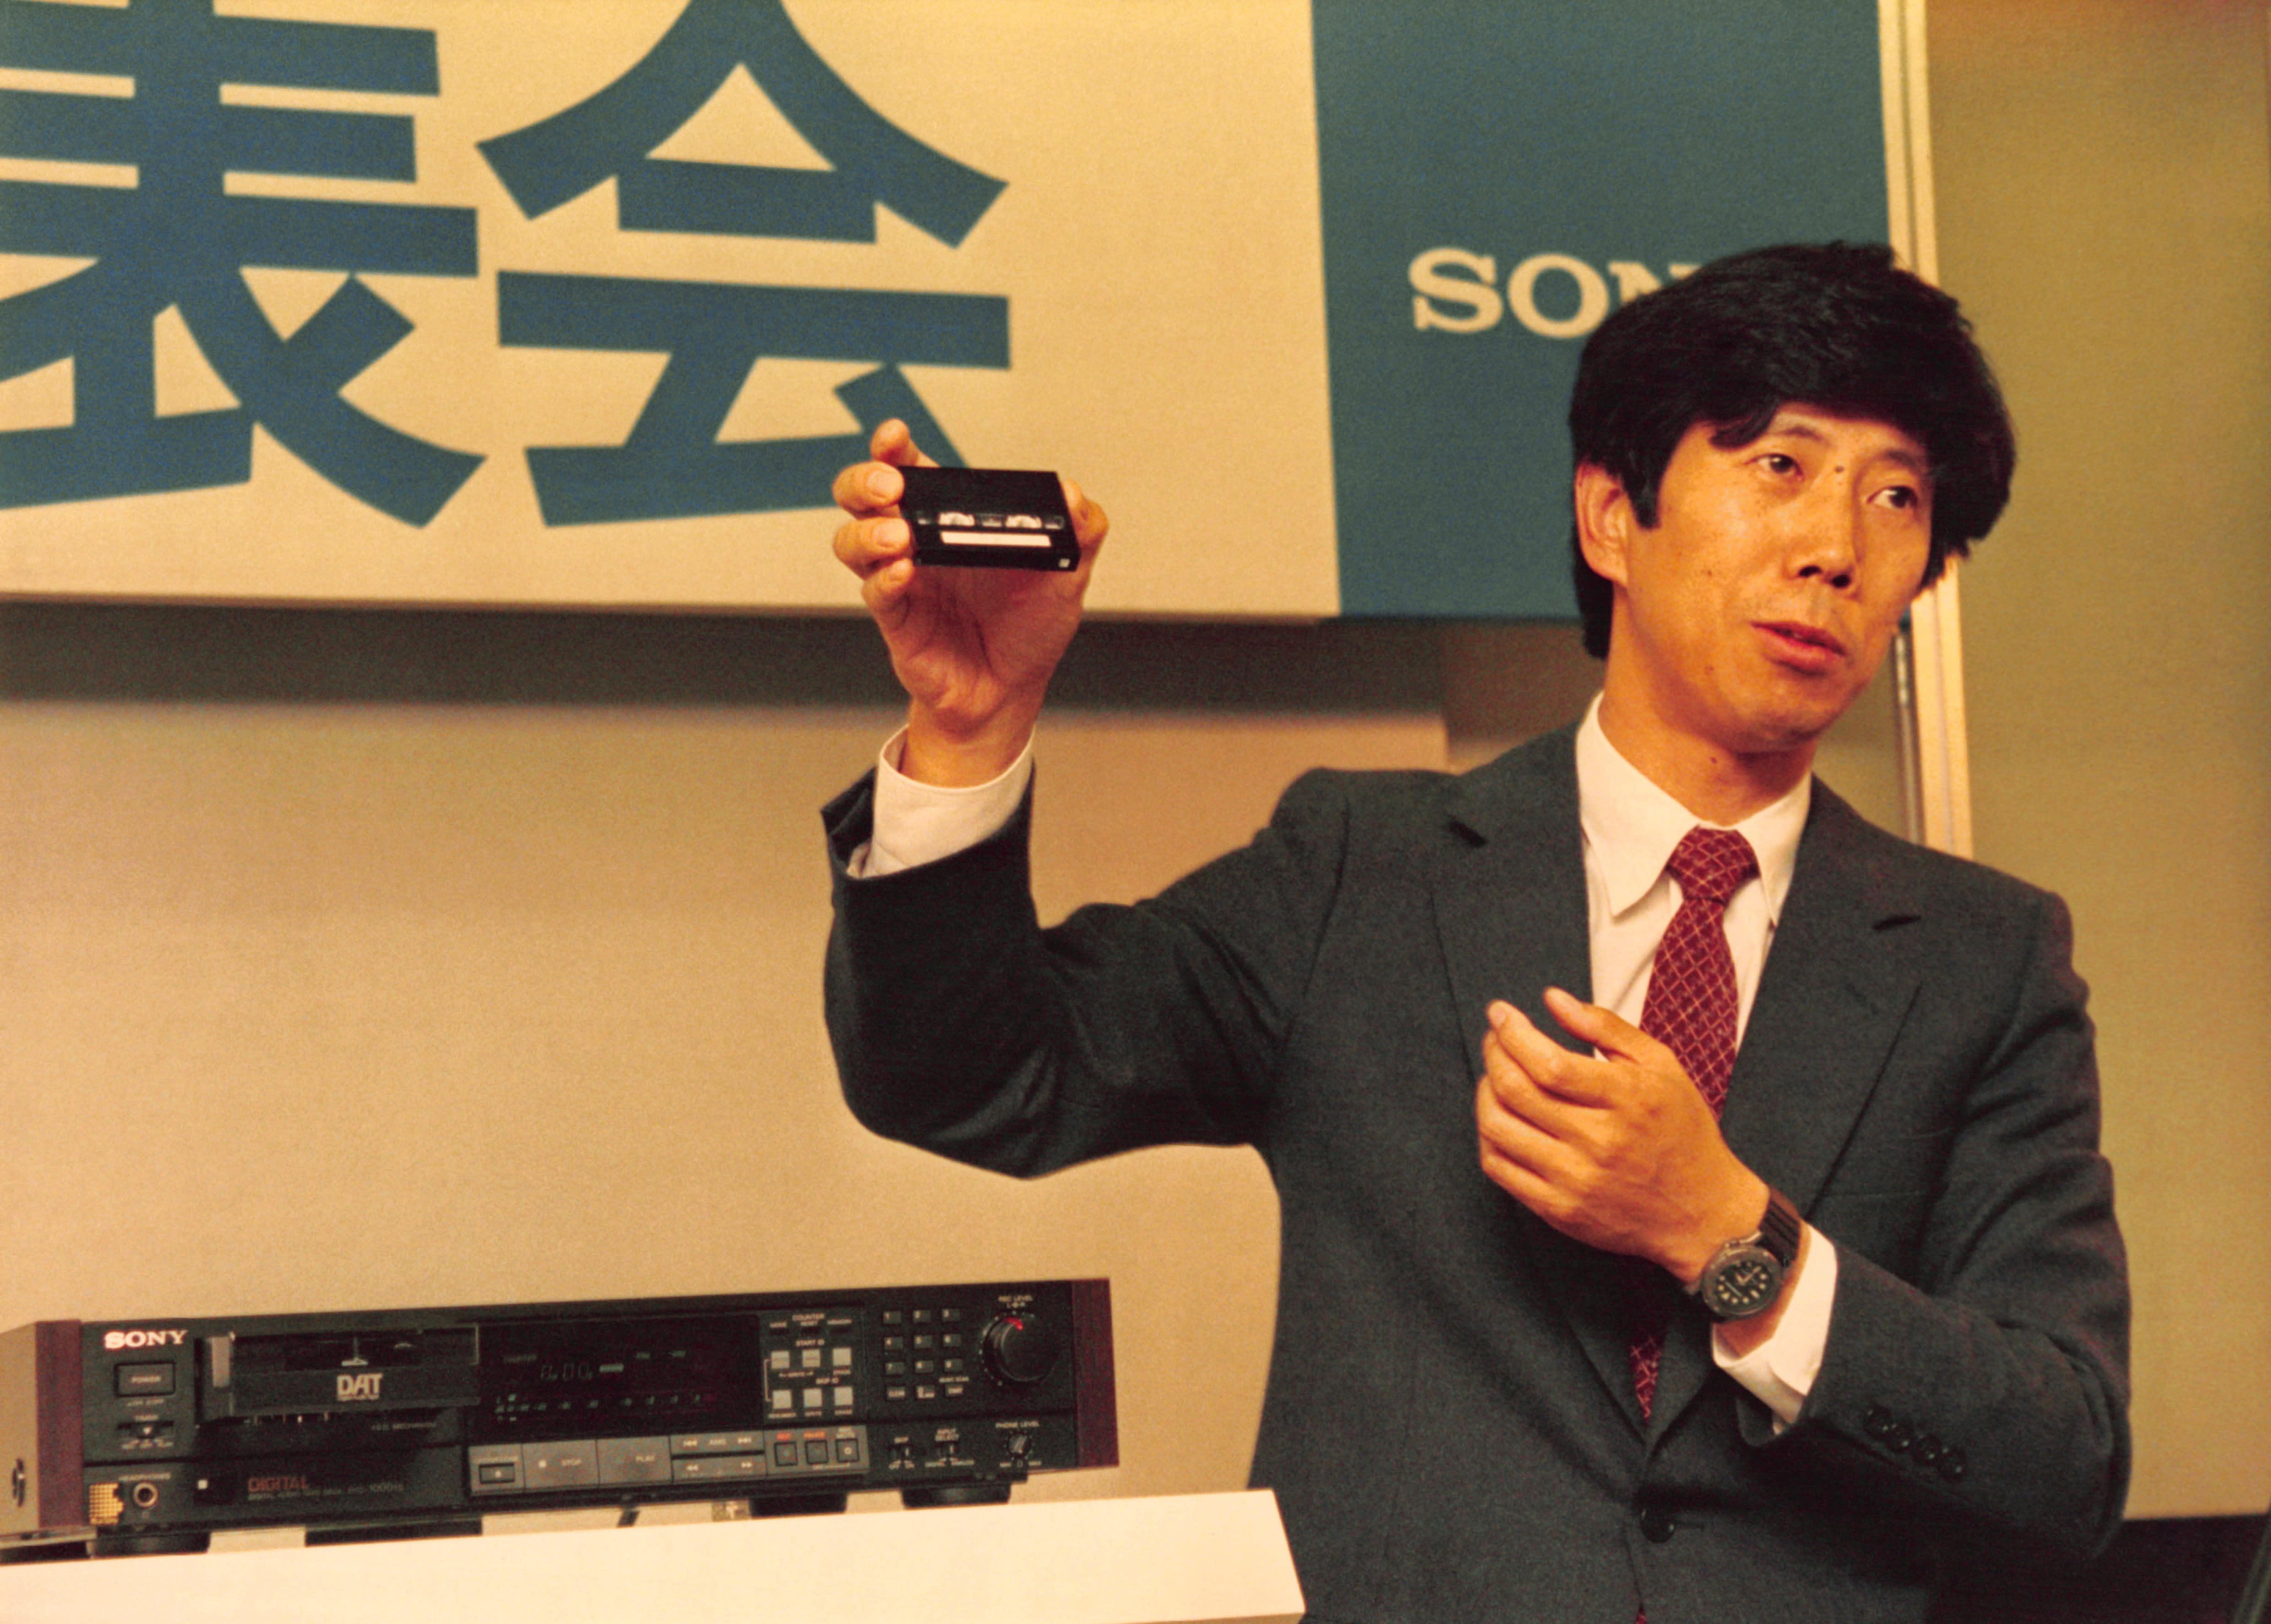 Sony présente le DAT, magnétophone digital en mars 1987 au Japon. (Photo by Kurita KAKU/Gamma-Rapho via Getty Images)